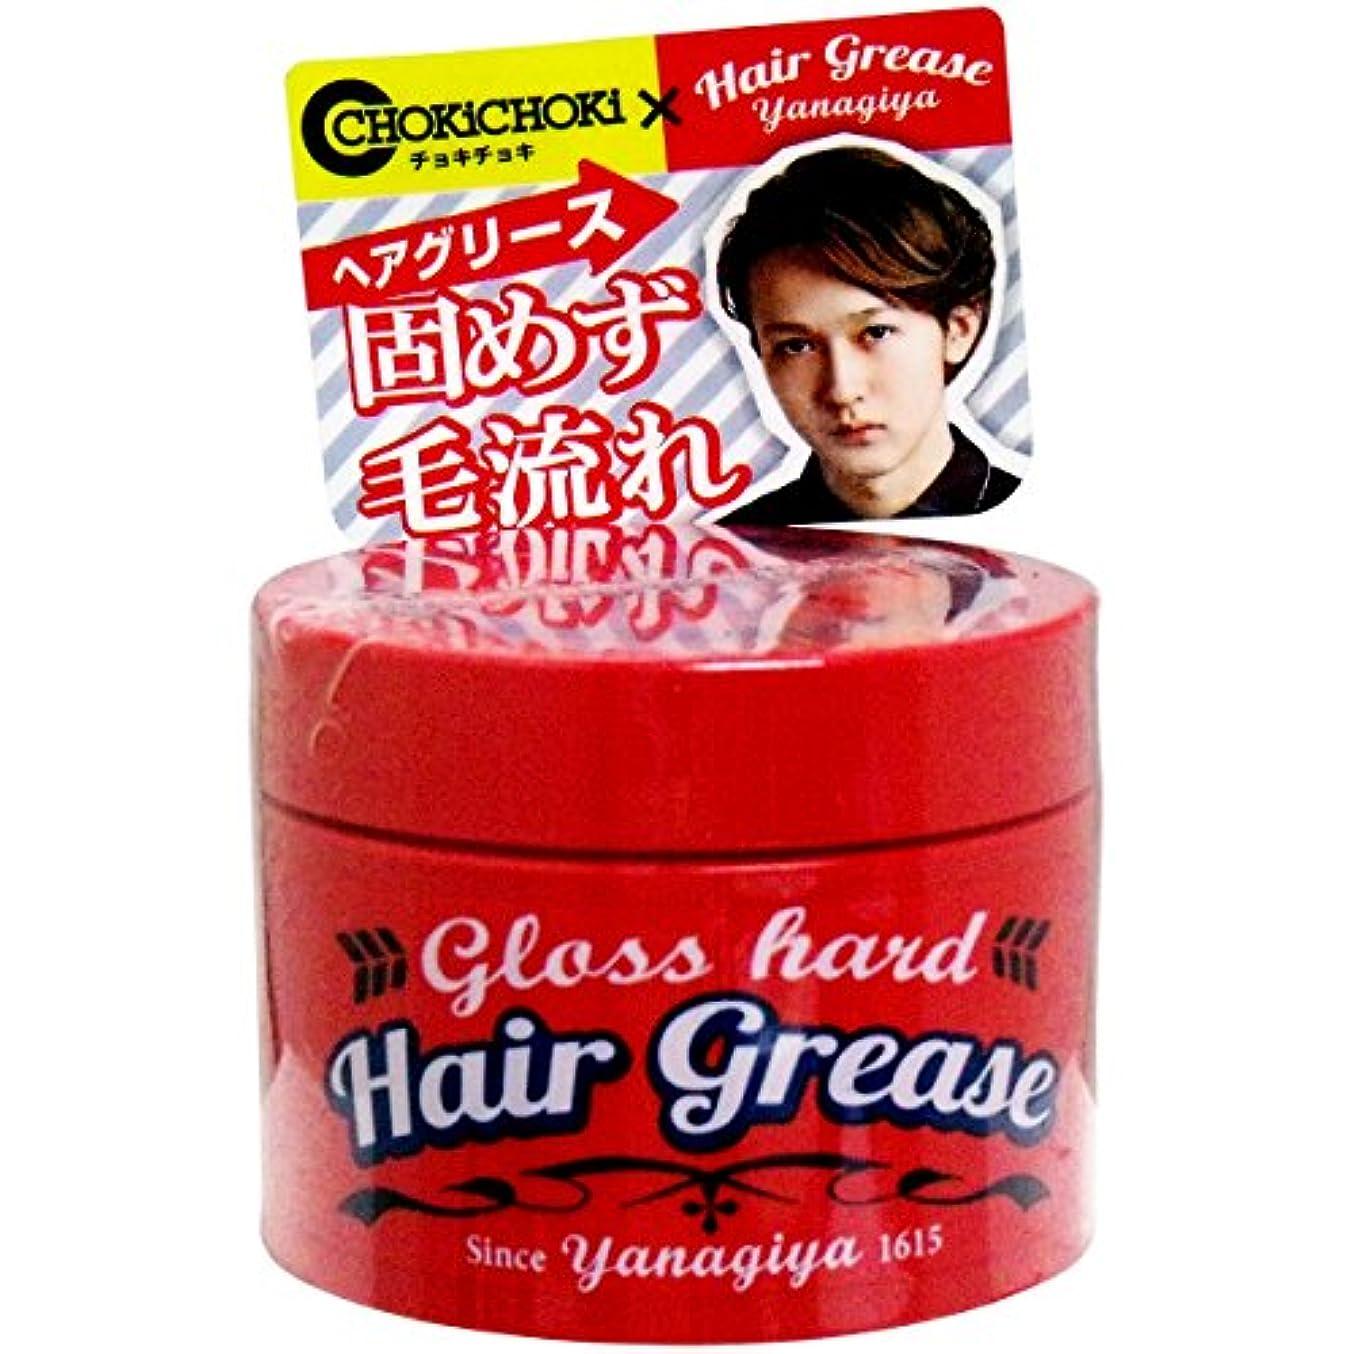 ペイント自信がある原始的なヘアワックス 固めず毛流れ 使いやすい YANAGIYA ヘアグリース グロスハード 90g入【5個セット】